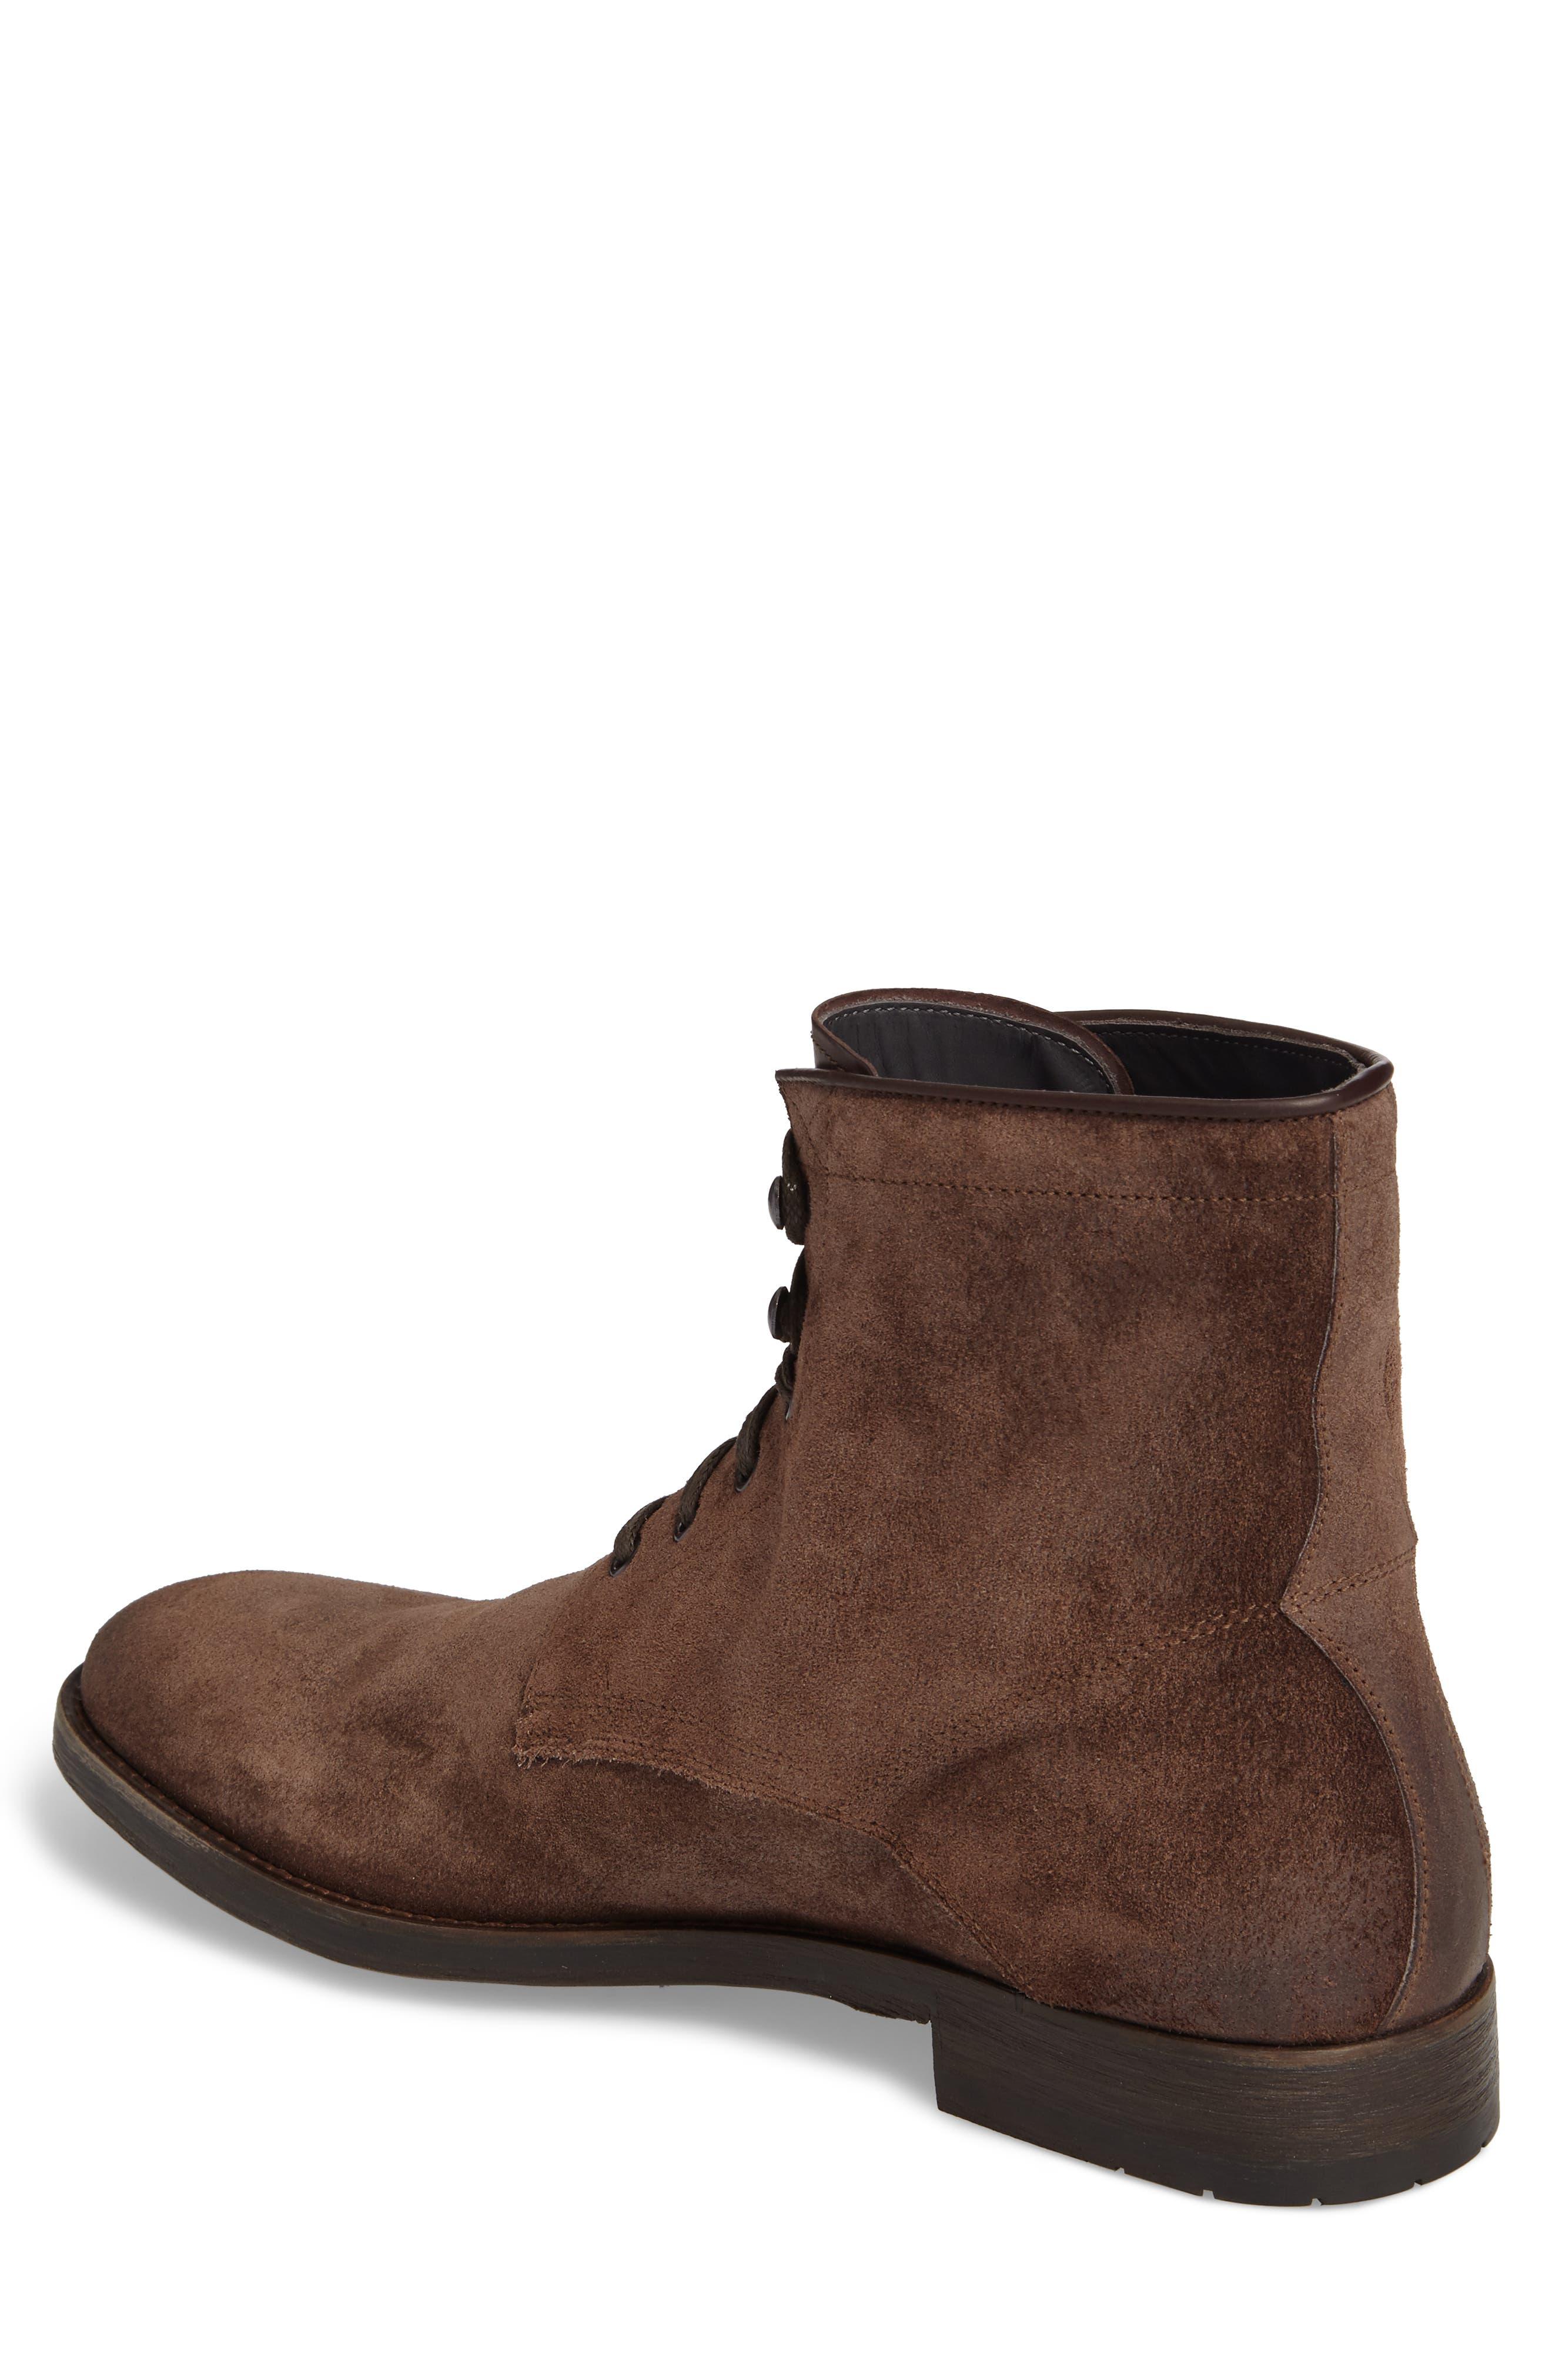 Astoria Plain Toe Boot,                             Alternate thumbnail 6, color,